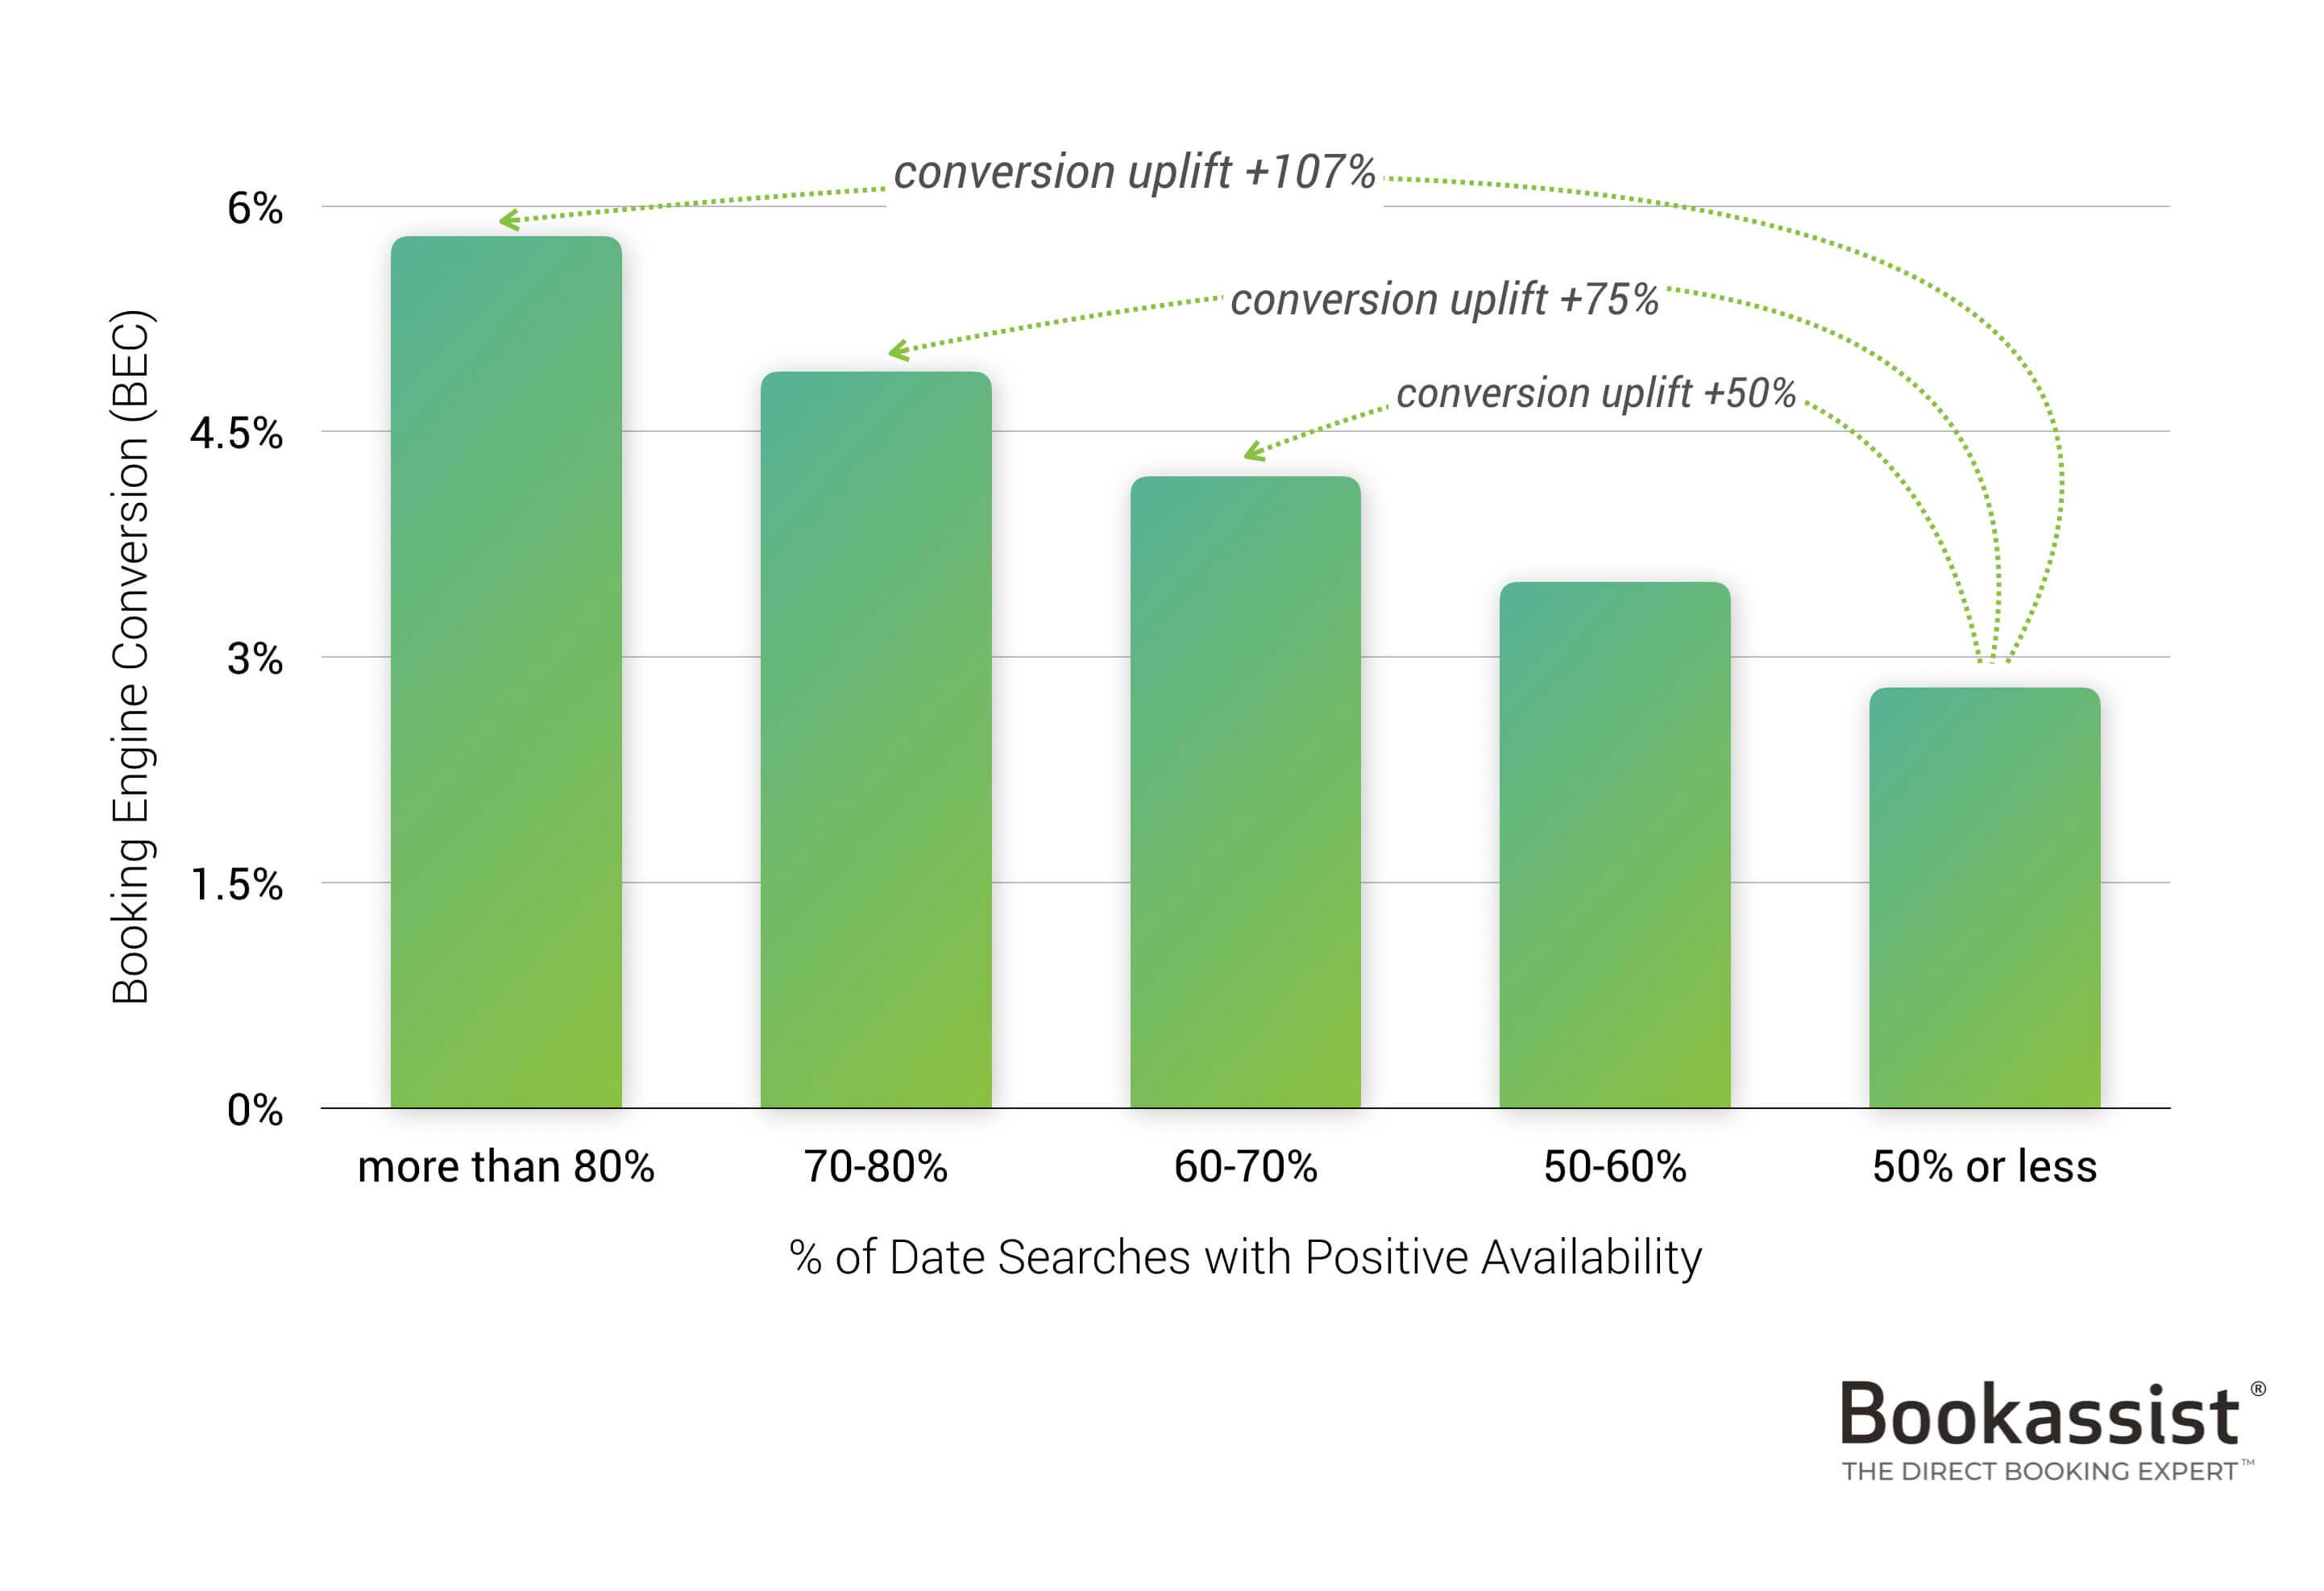 Imagen 1 - conversione del grafico in base alla disponibilità